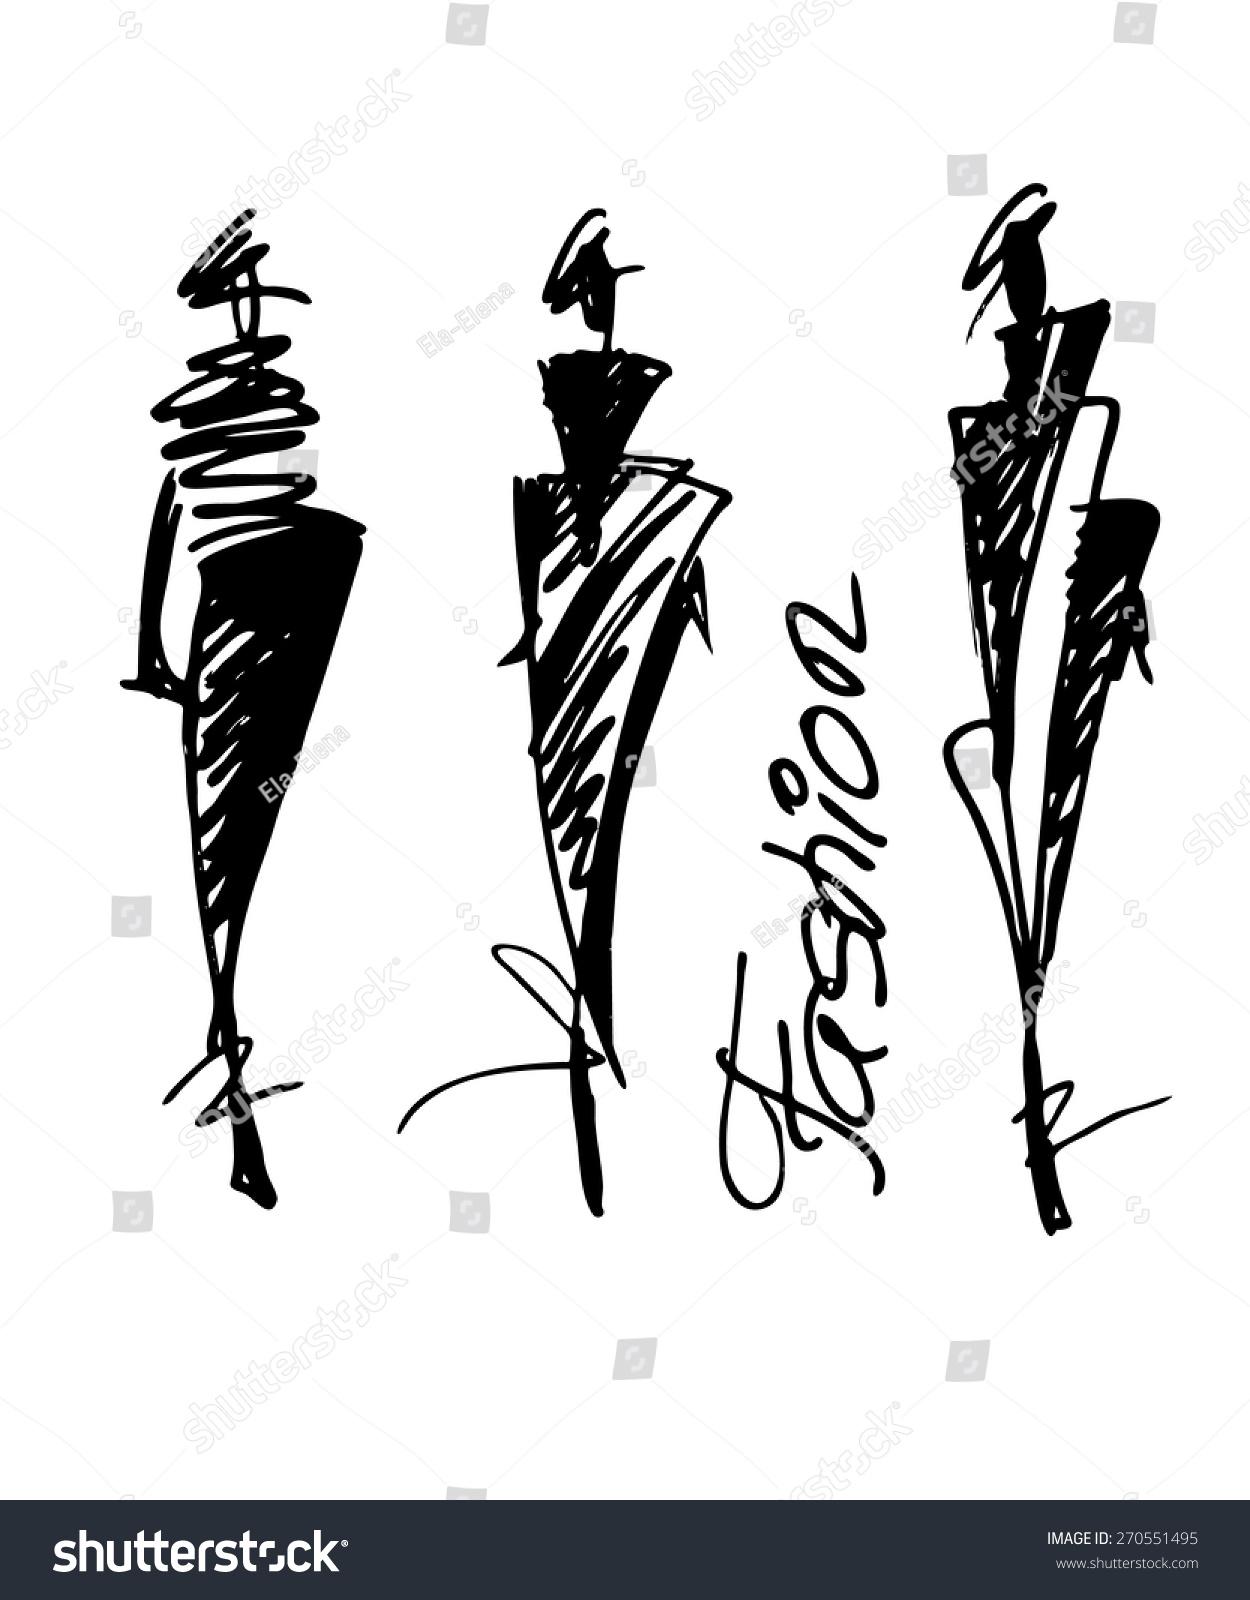 时装模特手绘草图,矢量插图